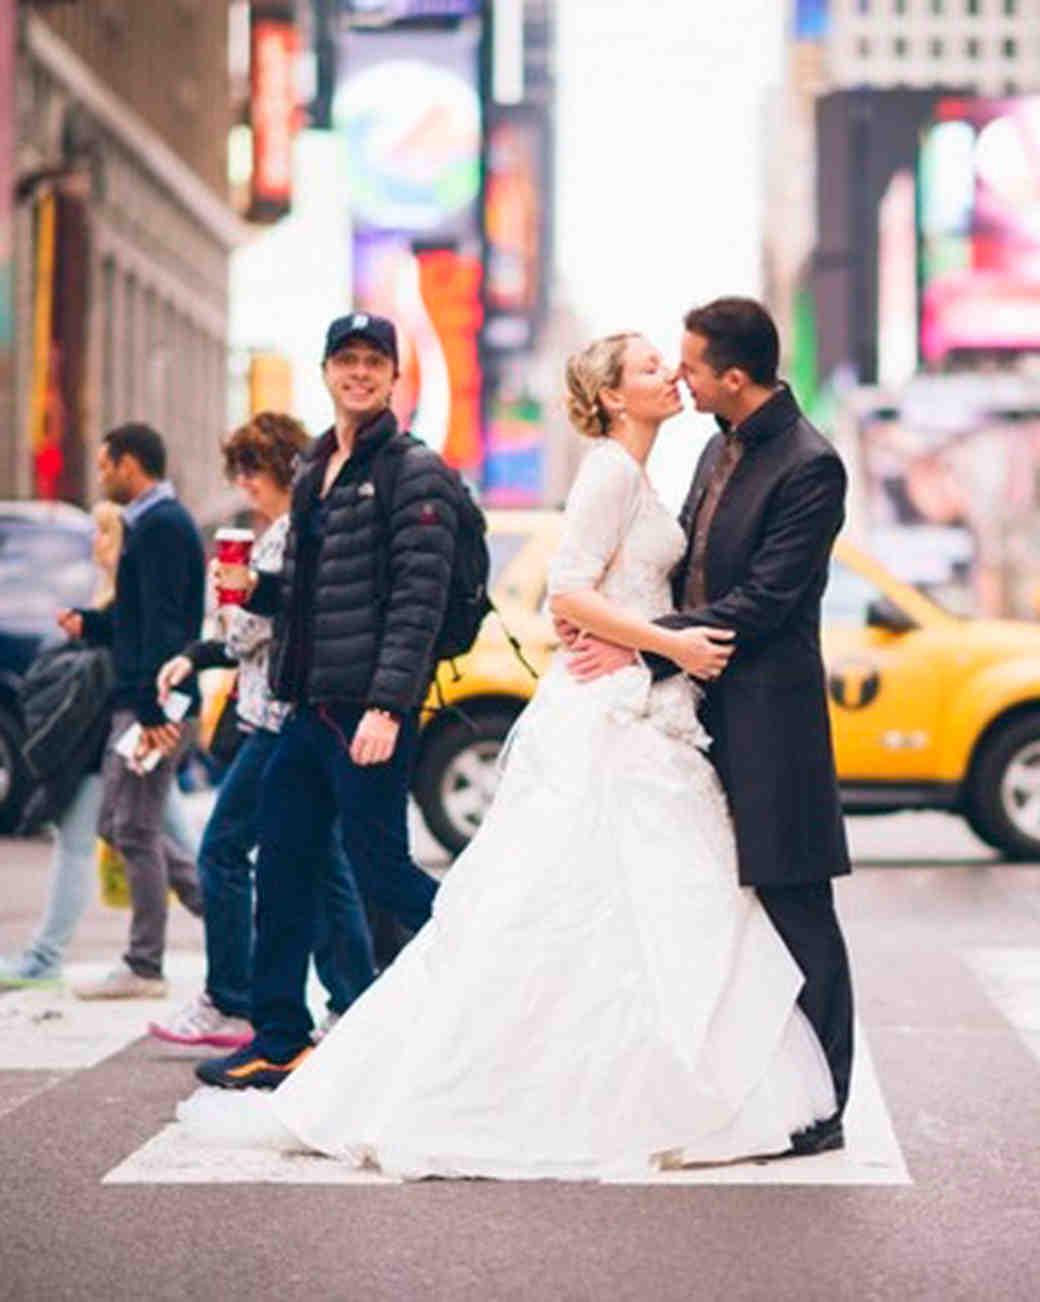 hilarious-wedding-photos-only-in-new-york-zach-braff-1115.jpg